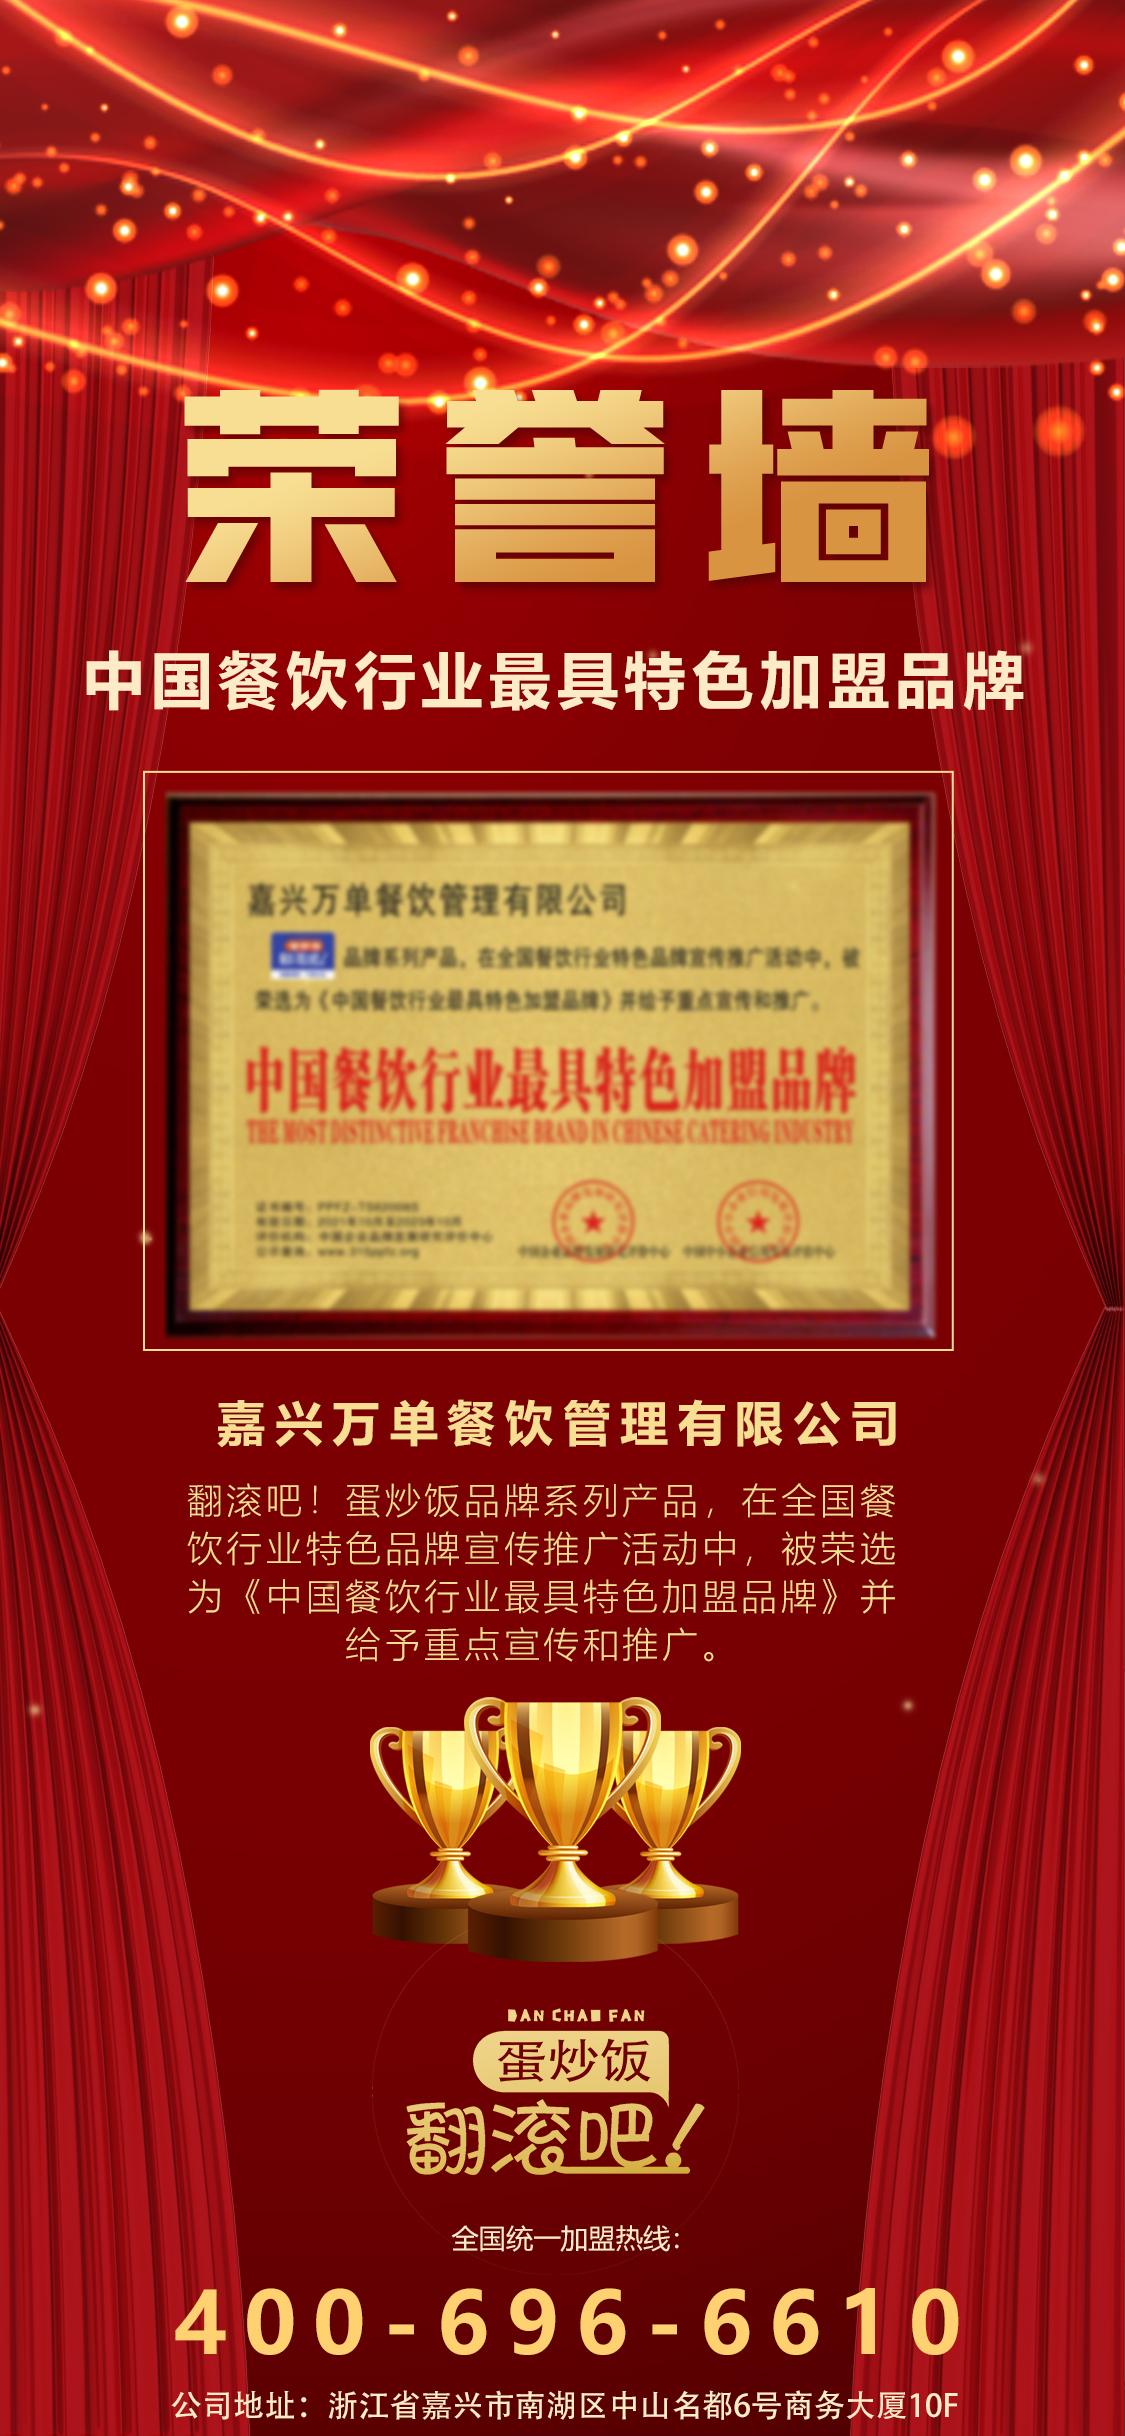 """品牌荣耀丨""""中国餐饮最具特色加盟品牌""""万单餐饮实力上榜"""